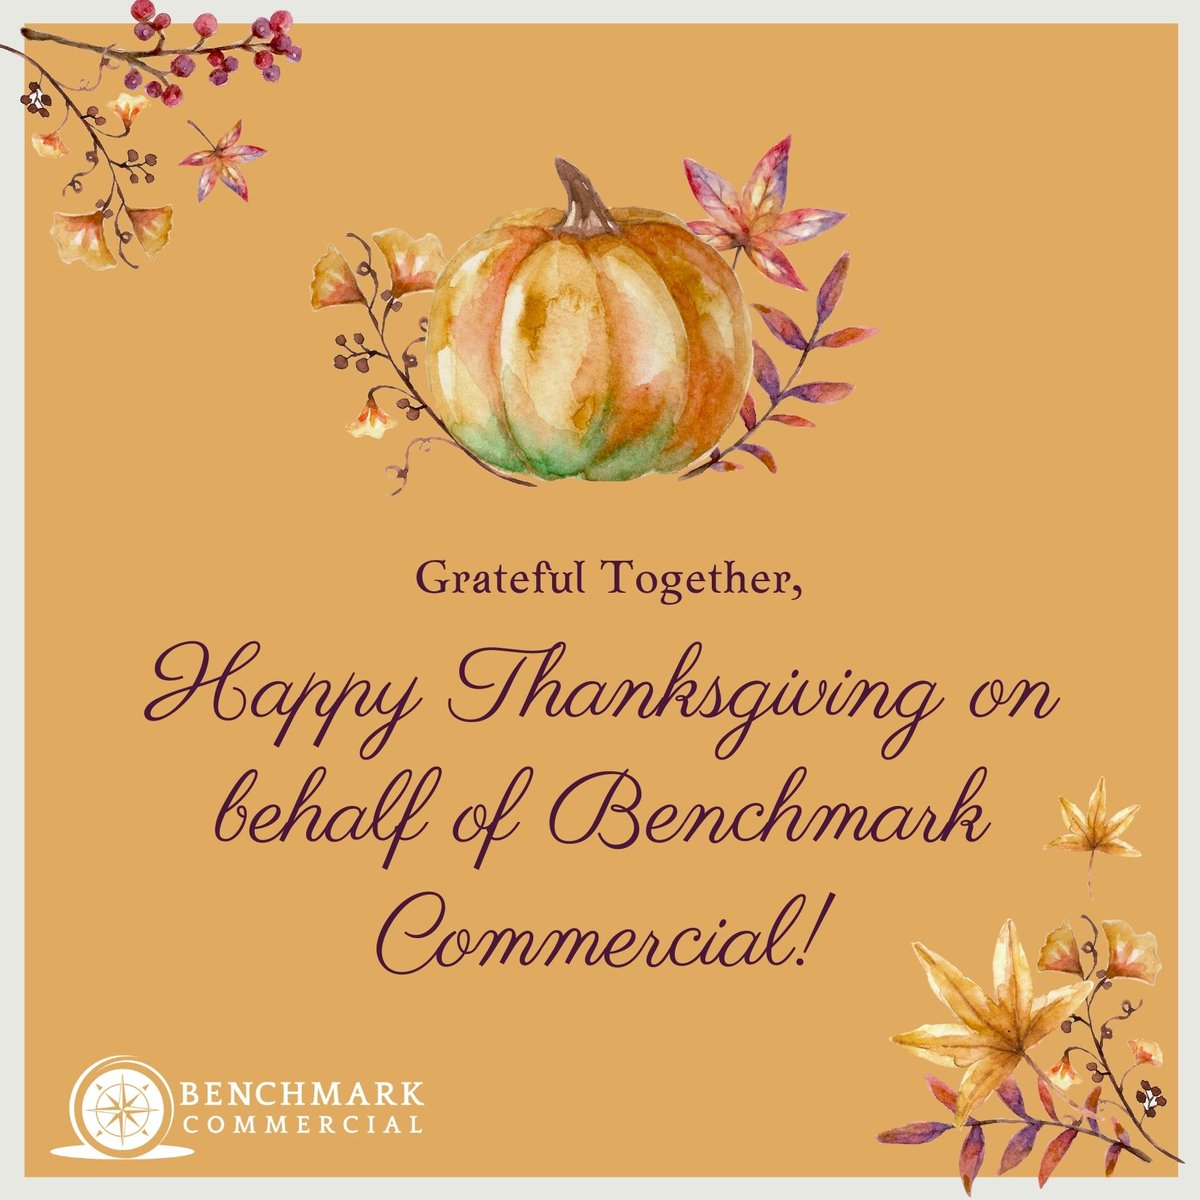 BenchmarkCRE photo